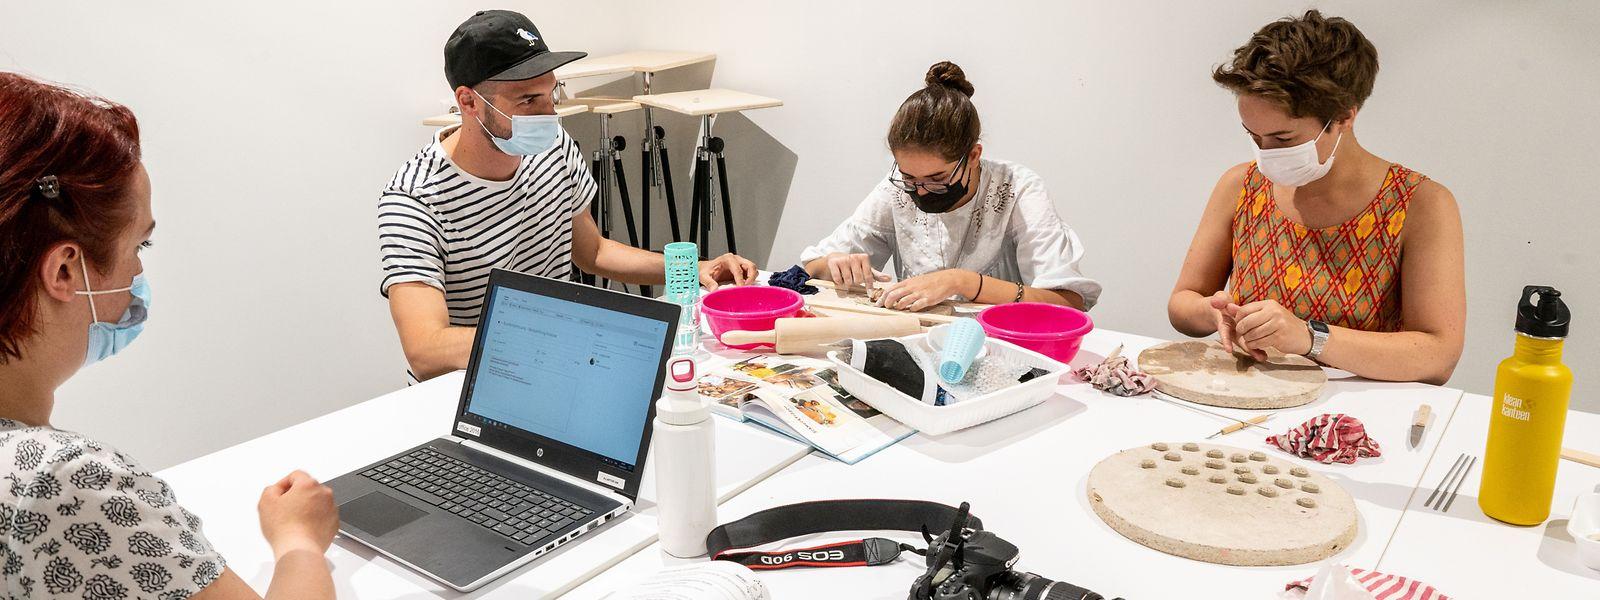 """Im Atelier """"Digitales und neue Medien"""" entsteht während der Herstellung von Anhängern aus Lehm eine Bilderreihe oder auch ein Kurzvideo."""